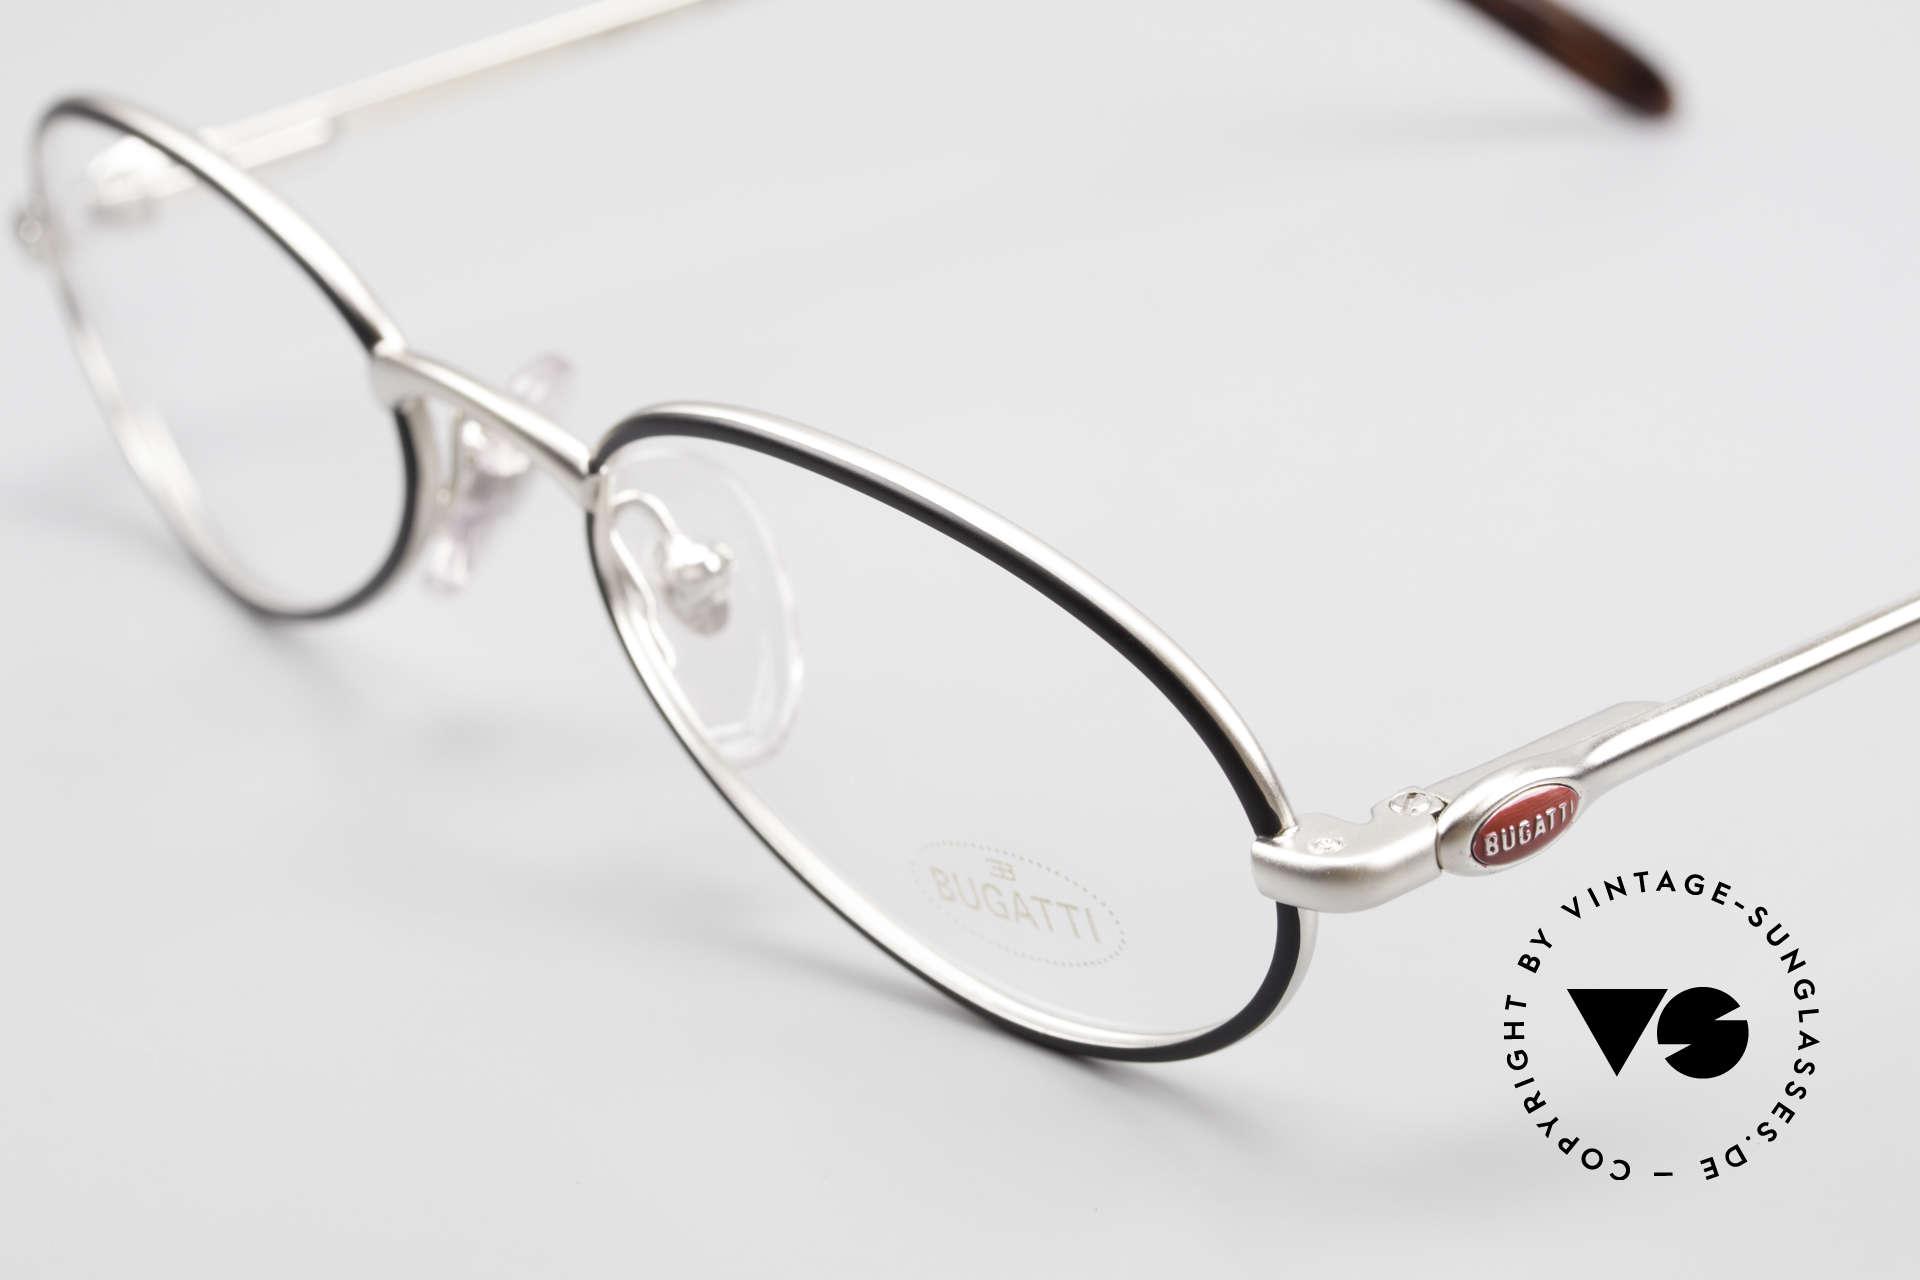 Bugatti 22431 Kleine 90er Vintage Brille, hoher Komfort u. Passform durch Federgelenke, Passend für Herren und Damen